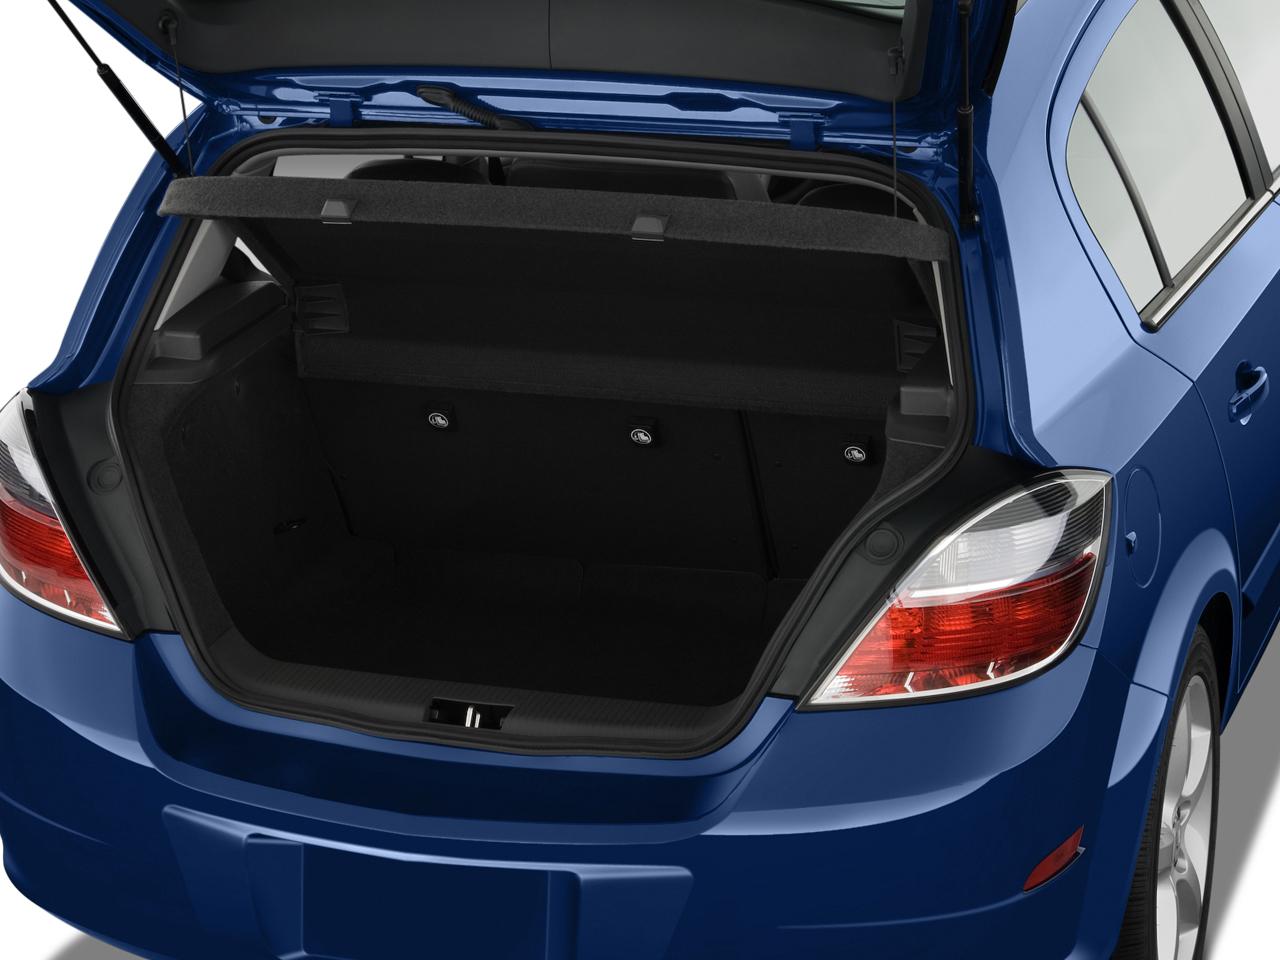 Saturn Astra 2008 - 2009 Hatchback 5 door #6